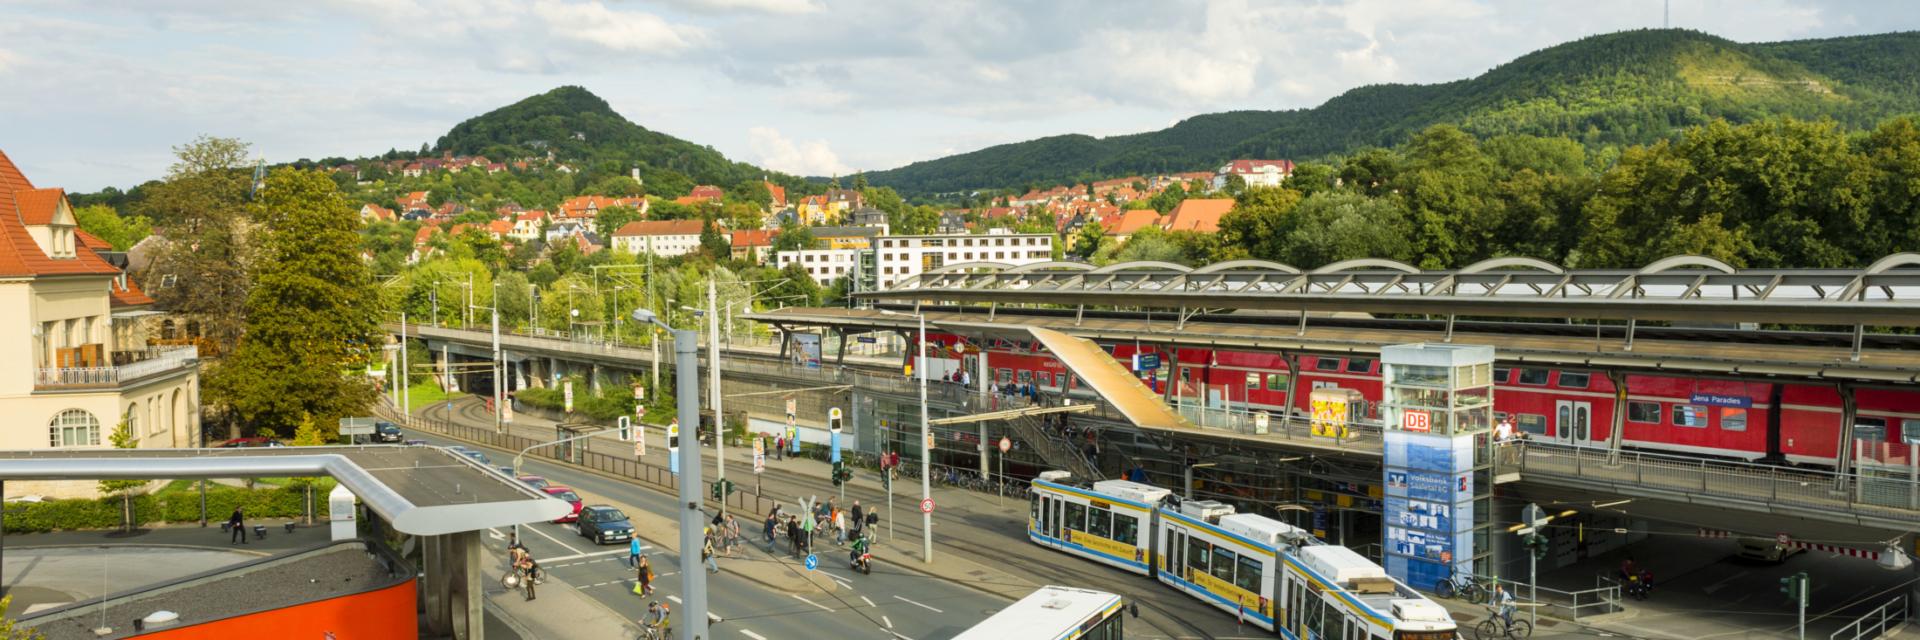 Blick auf Kreuzung vom Paradies- und Busbahnhof mit Fahrzeugen des ÖPNV - Mit dem Veranstaltungsticket fährt es sich einfacher © JenaKultur, Foto: Andreas Hub